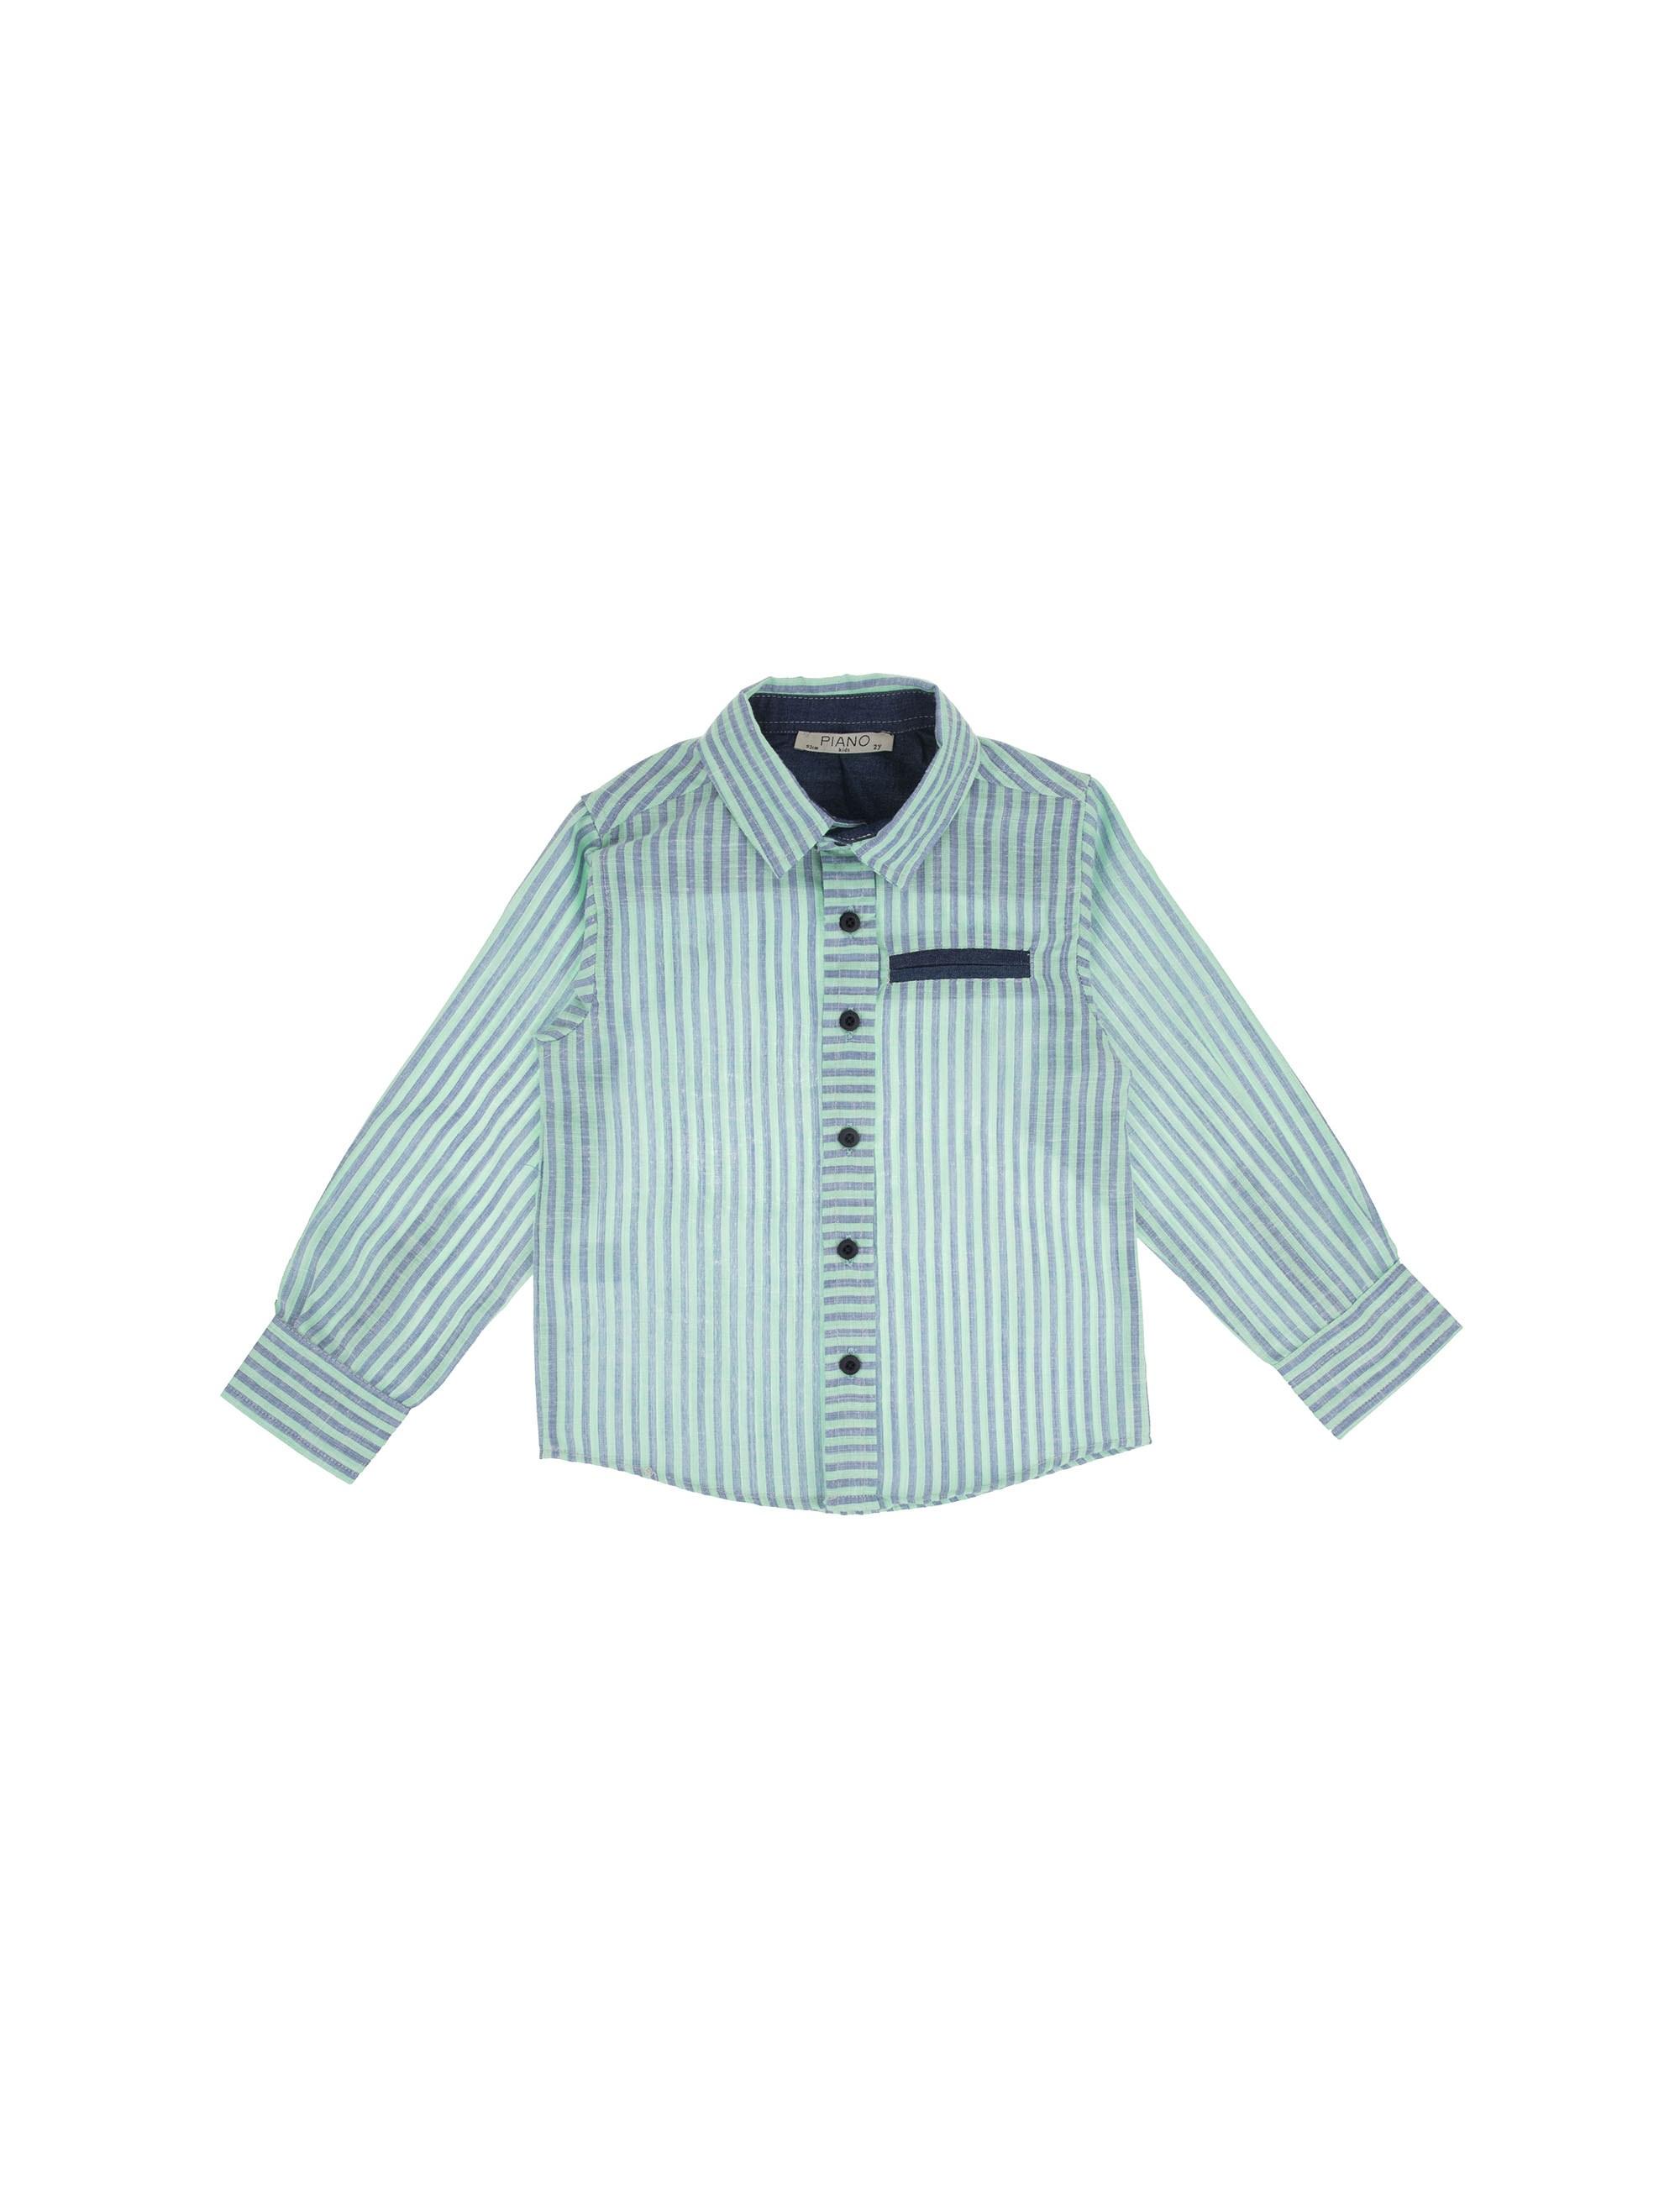 پیراهن نخی آستین بلند پسرانه - سبز  - 1